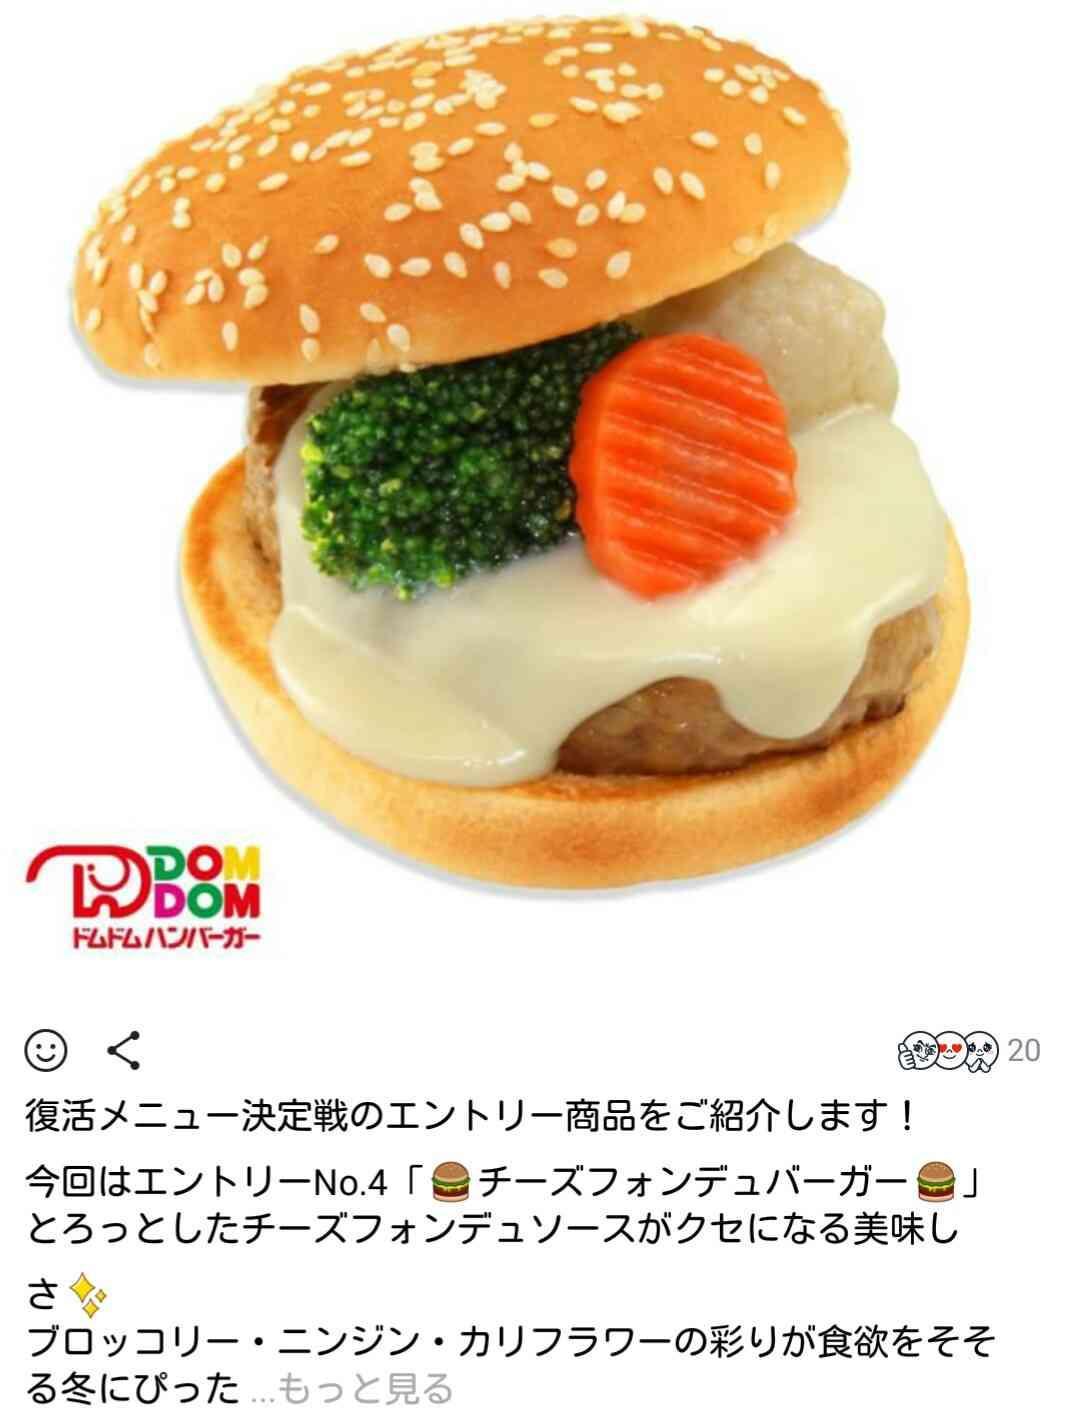 【懐かしの】ドムドムハンバーガー